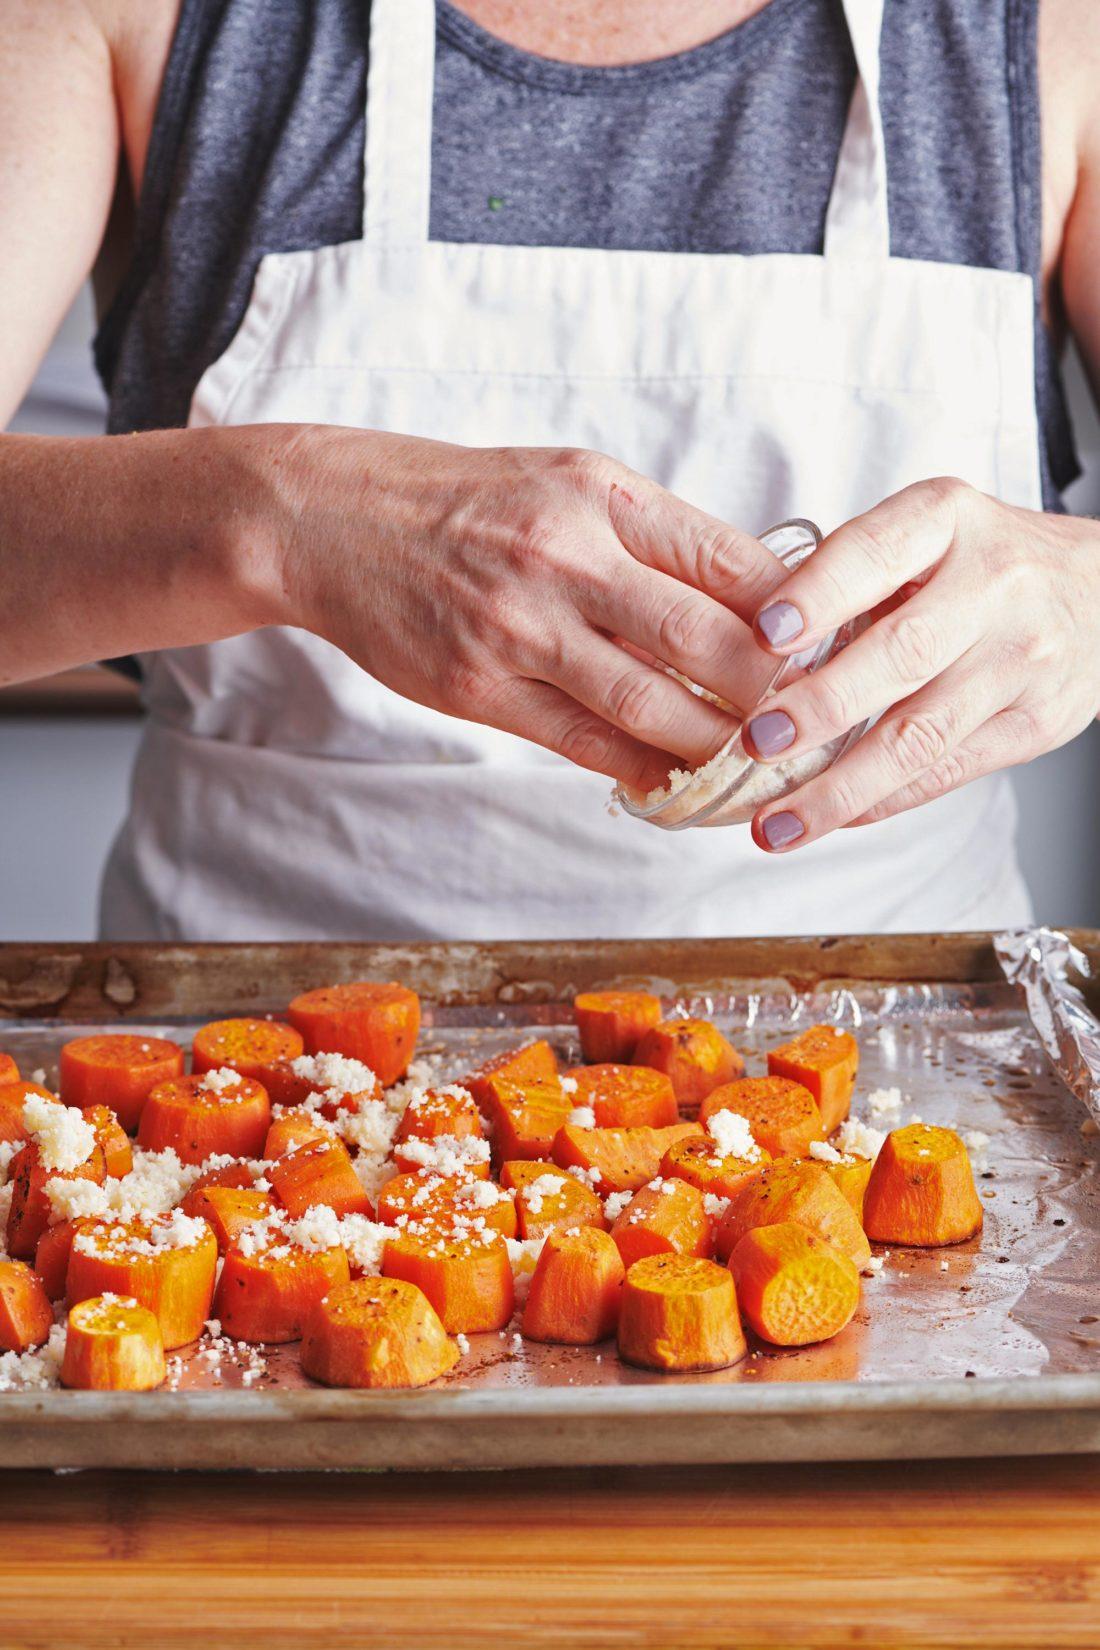 Garlic-Parmesan Sweet Potatoes